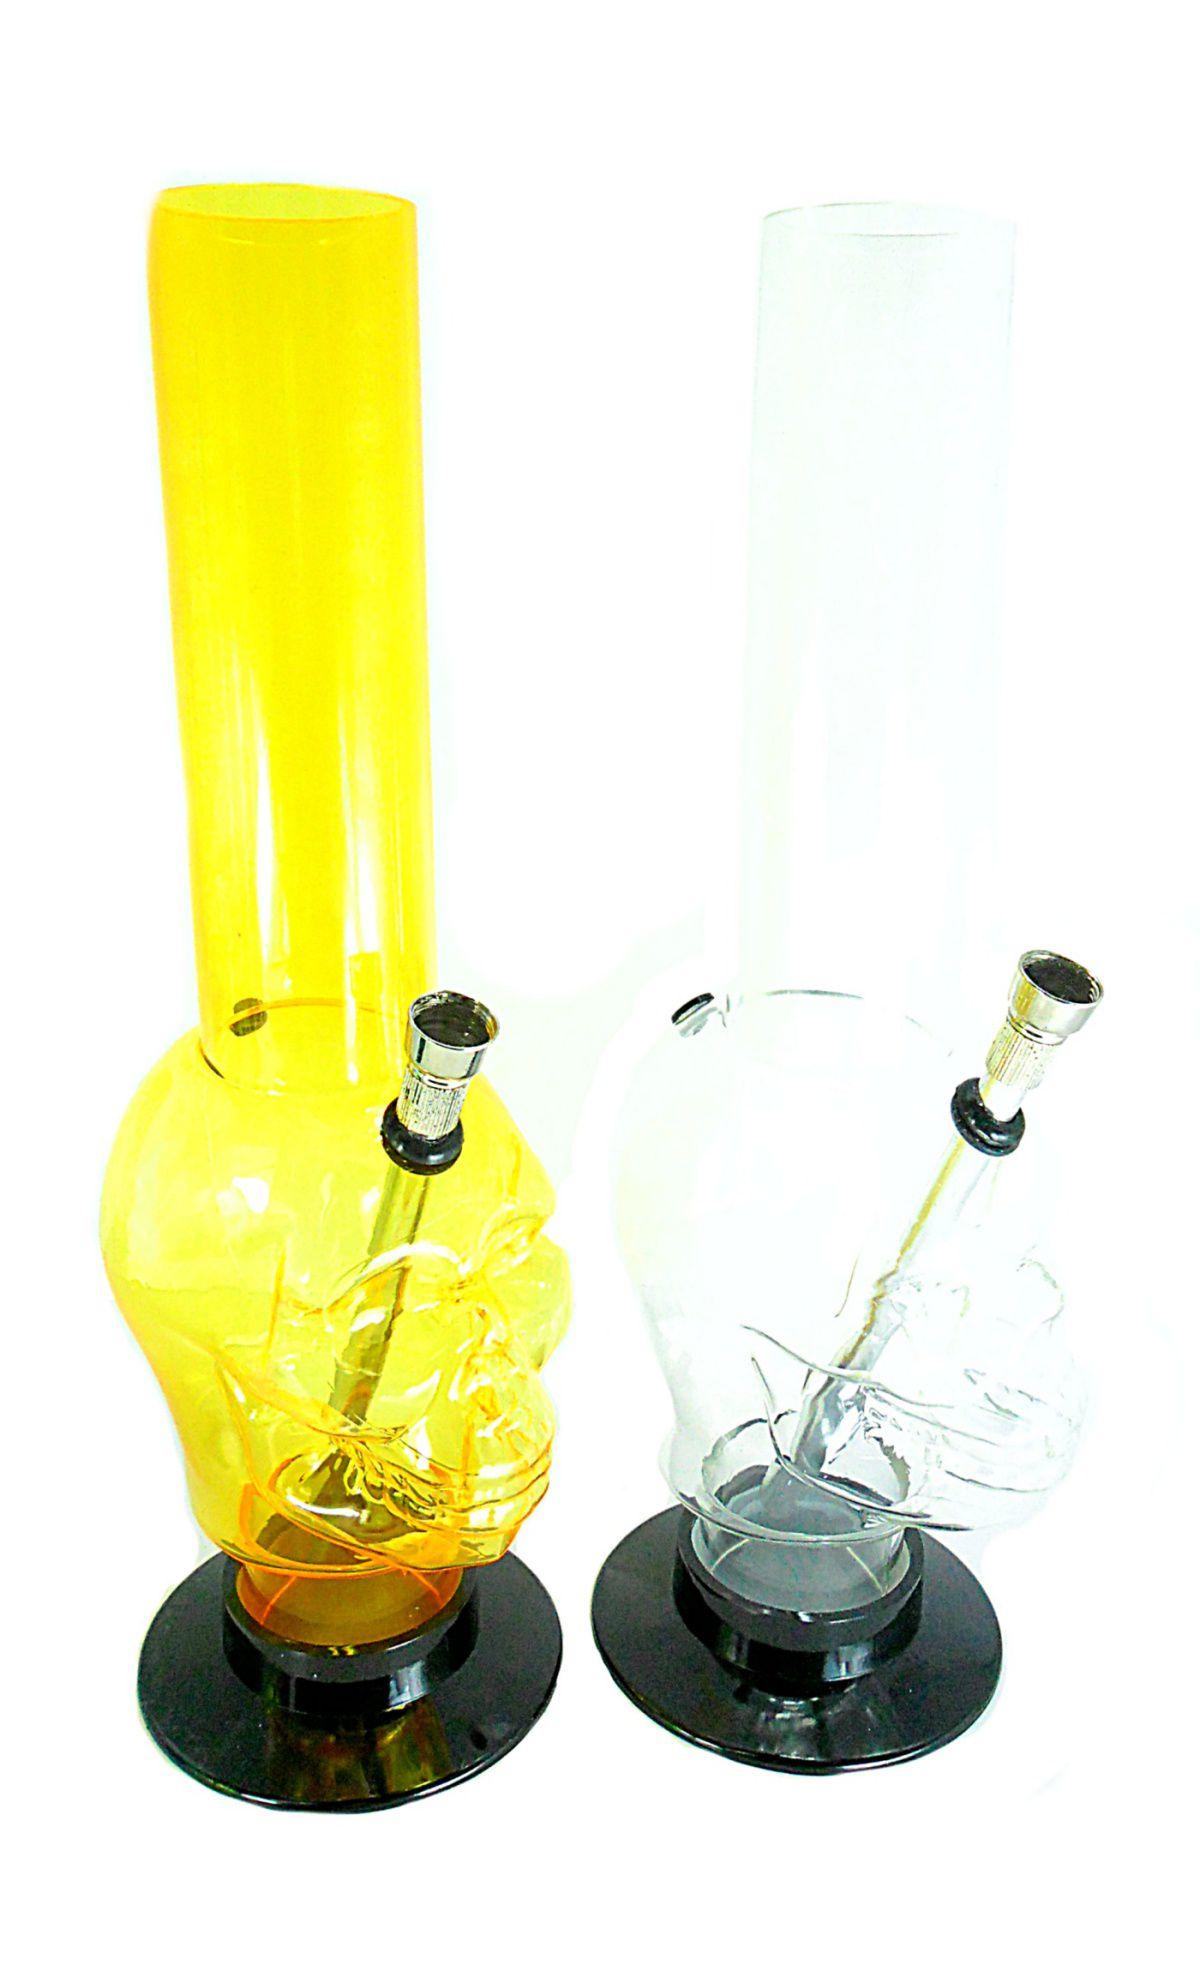 Bong de acrílico MD HOOKAH, GRANDE 32cm, base removível. Estampas e cores diversas.